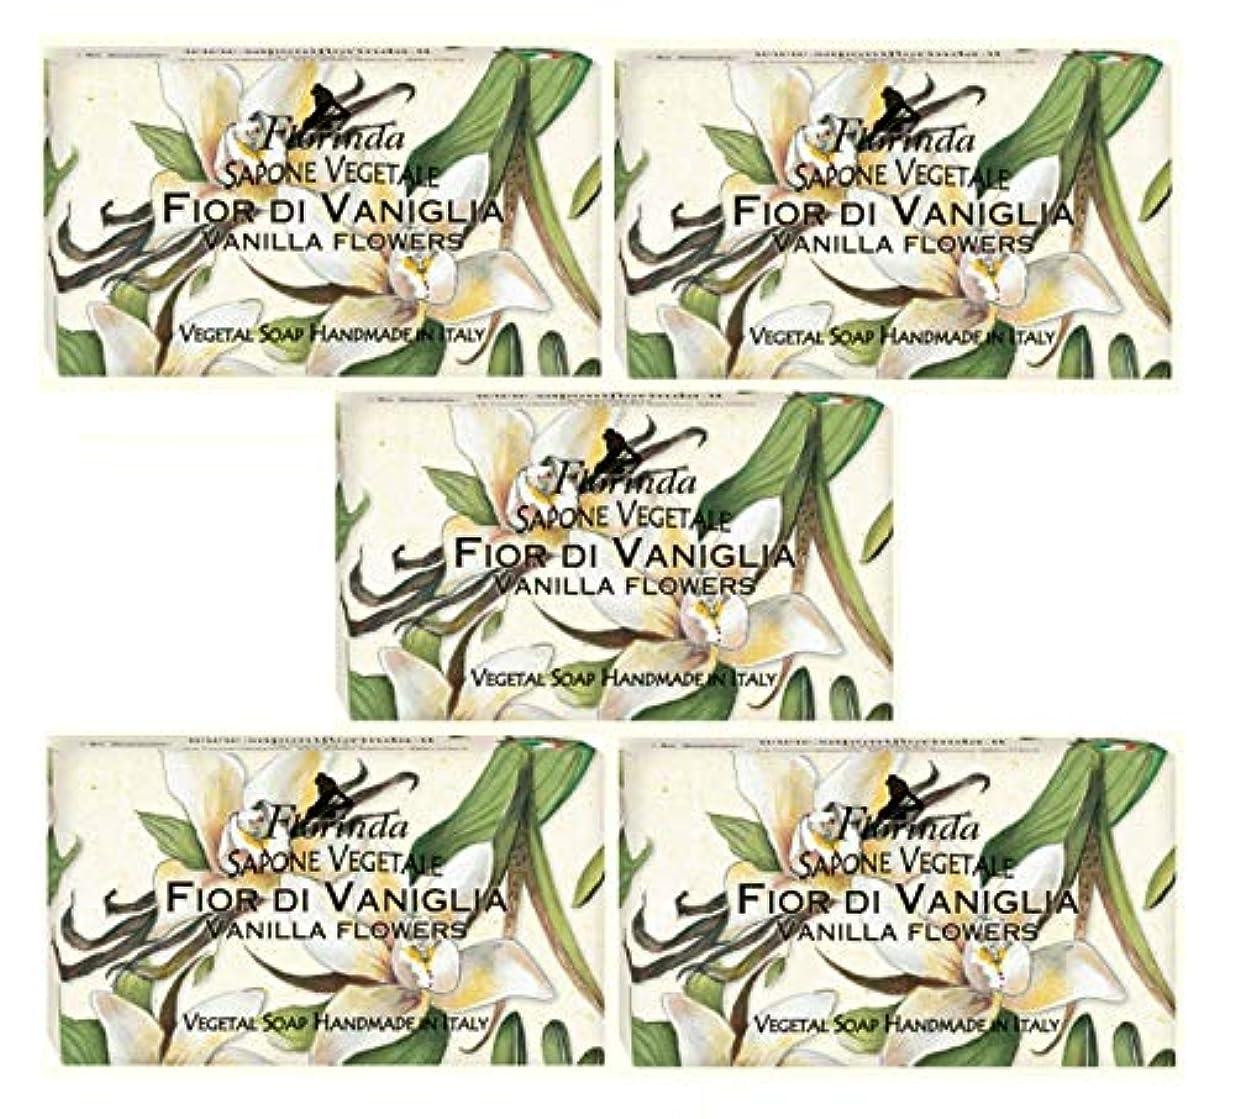 愛人鎖補充フロリンダ フレグランスソープ 固形石けん 花の香り バニラフラワー 95g×5個セット